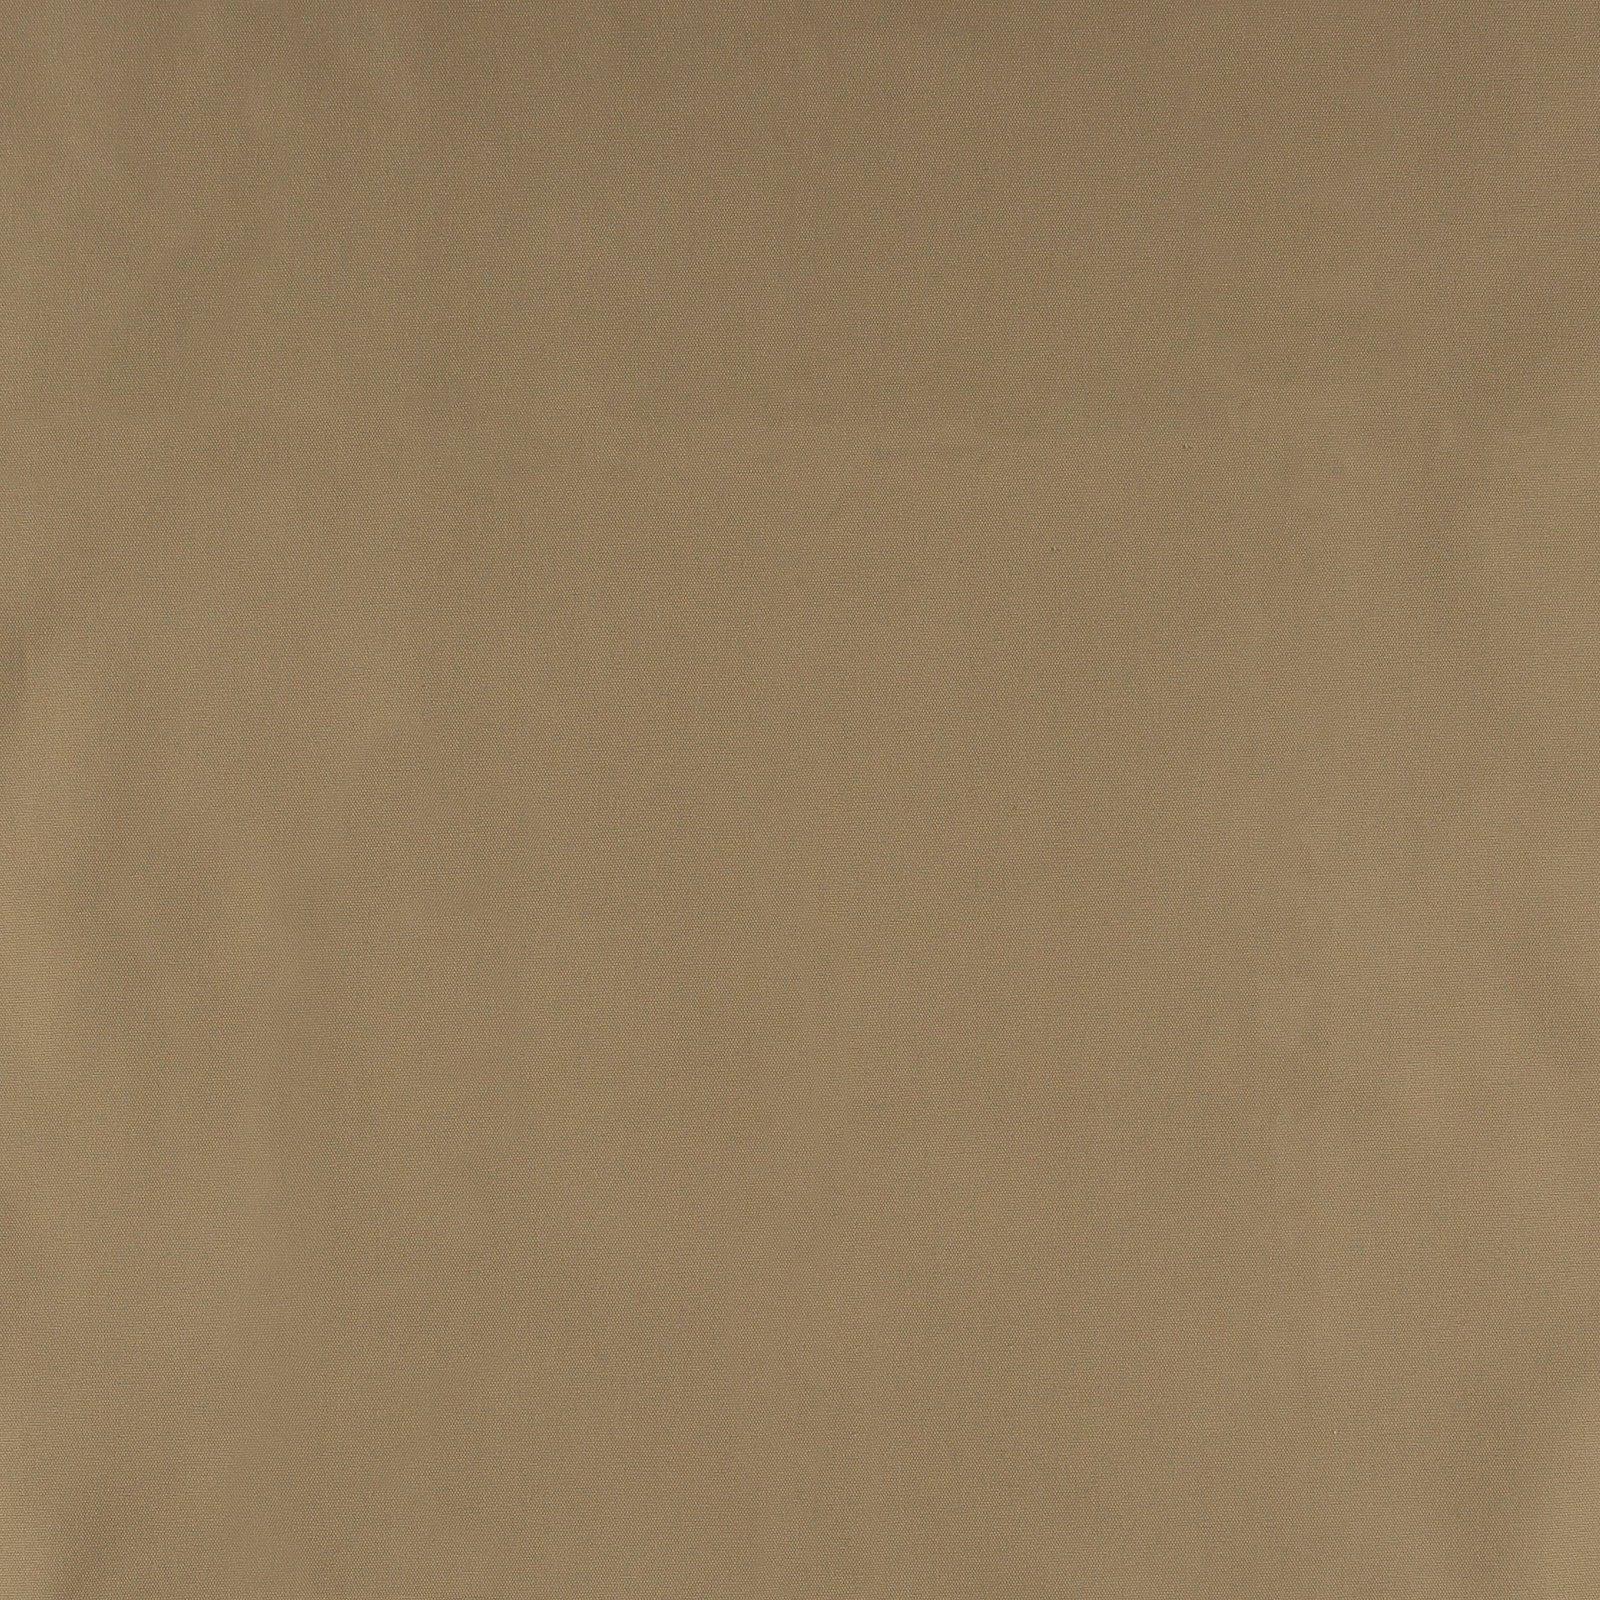 Cotton canvas dark beige 780349_pack_solid